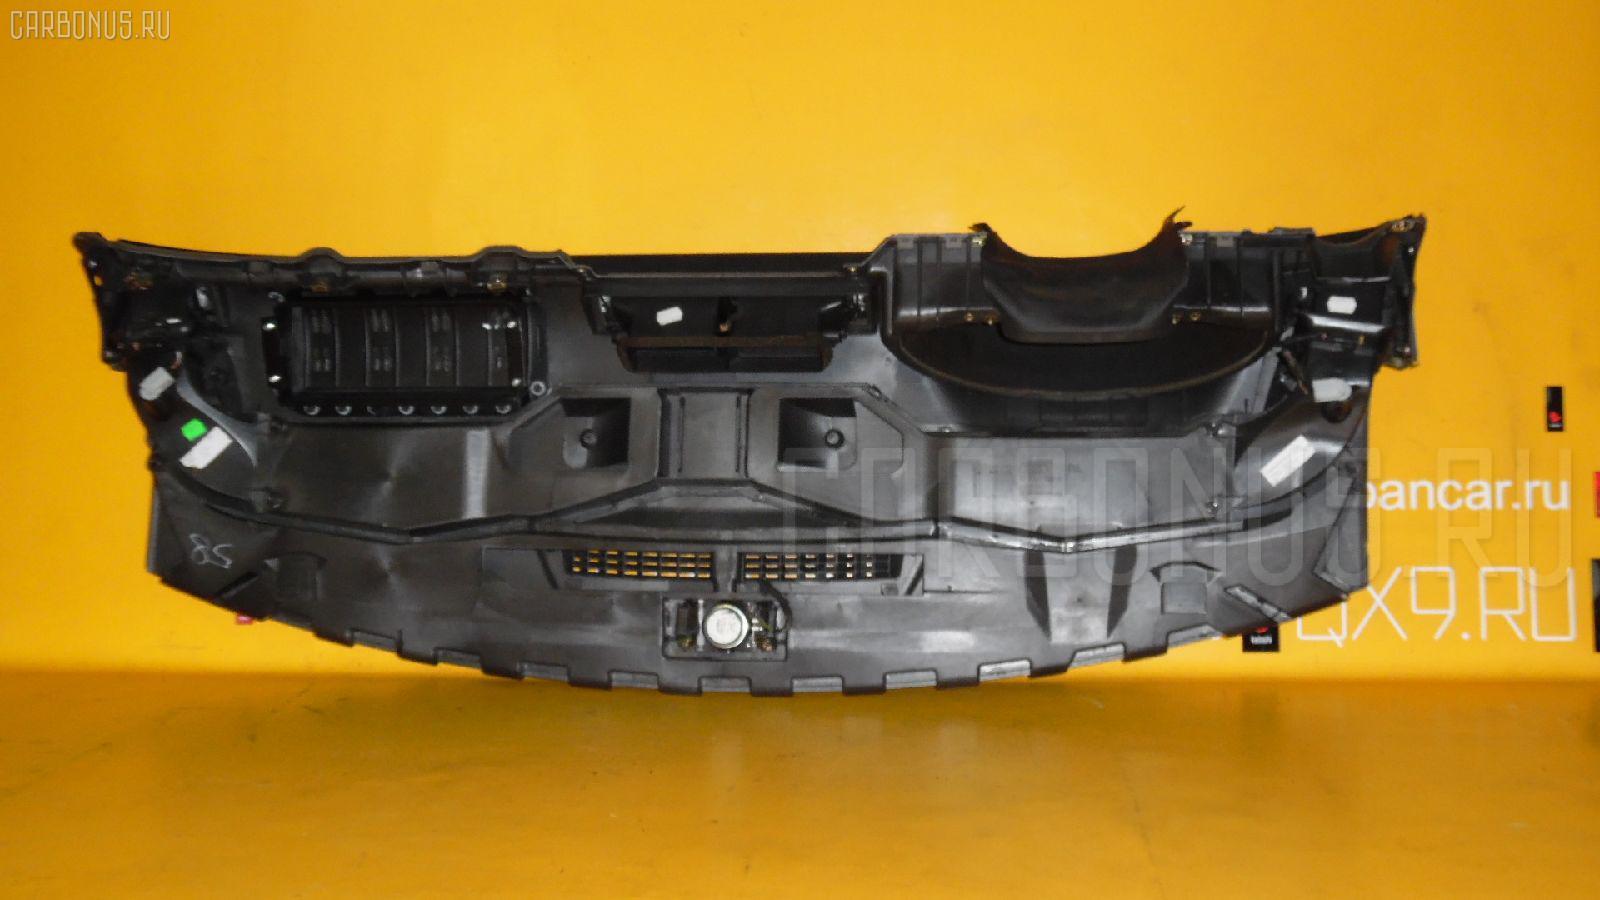 Дефлектор AUDI A4 AVANT 8EAMBF Фото 1